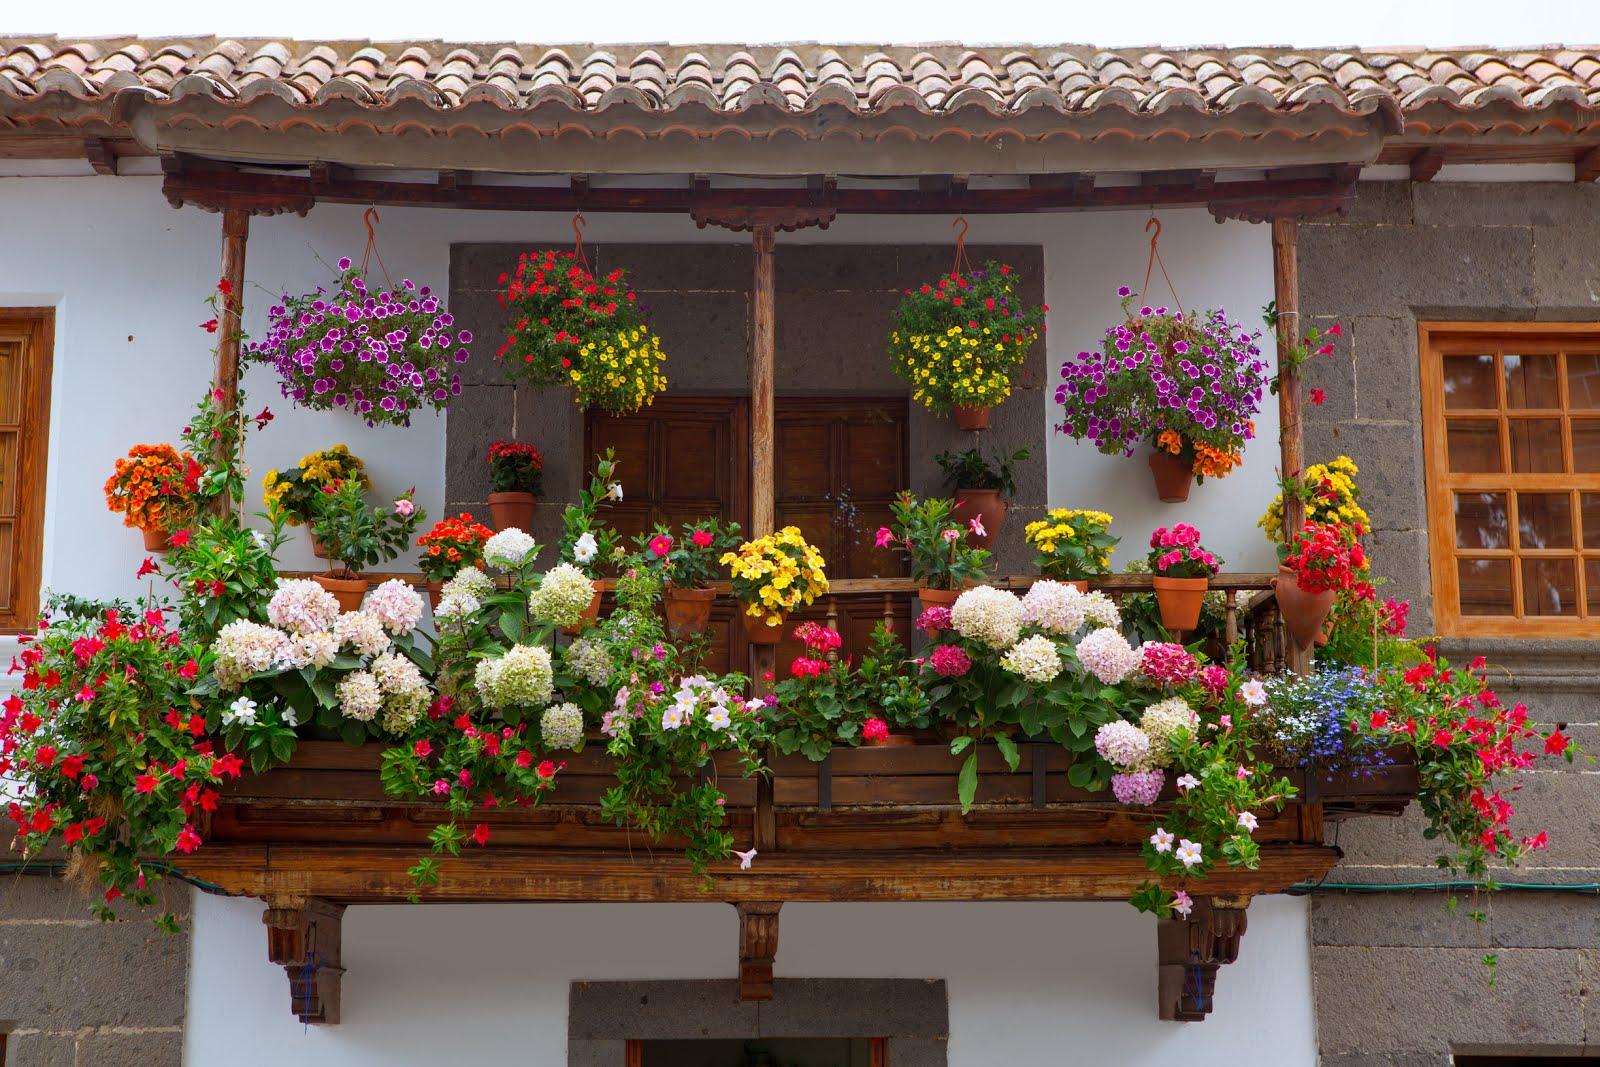 Banco de im genes flores de colores en la fachada de una for Plantas para balcones